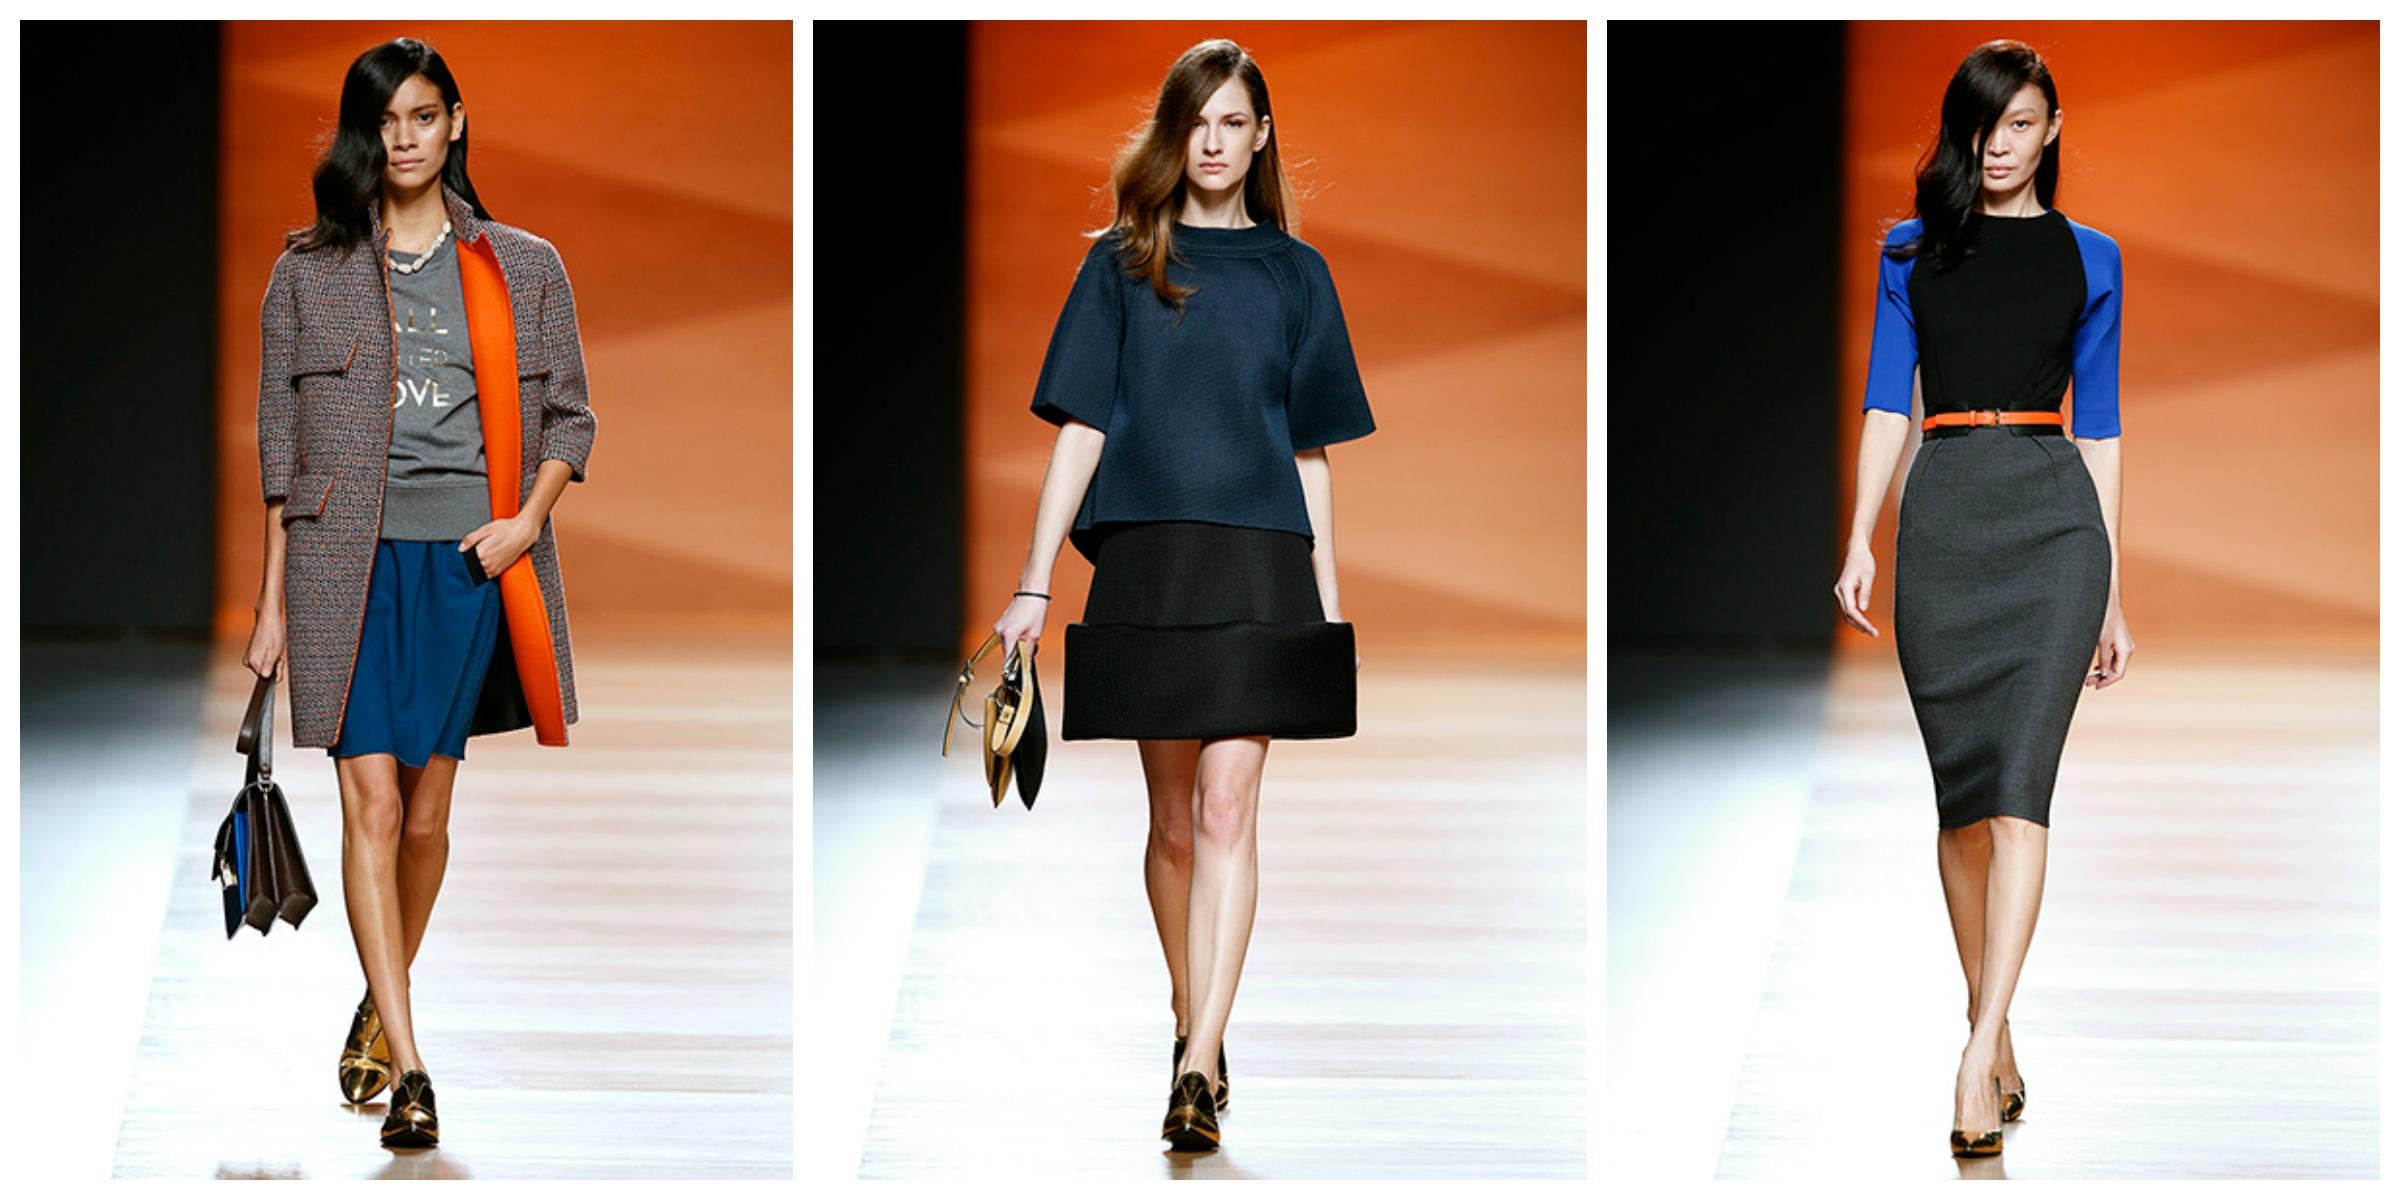 vith consultoria de moda antonio pozuelo diseñador español juanjo oliva mercedes benz fashion week acreditaciones tendencias invierno 2014 2015 style outfit elogy el corte ingles (7)